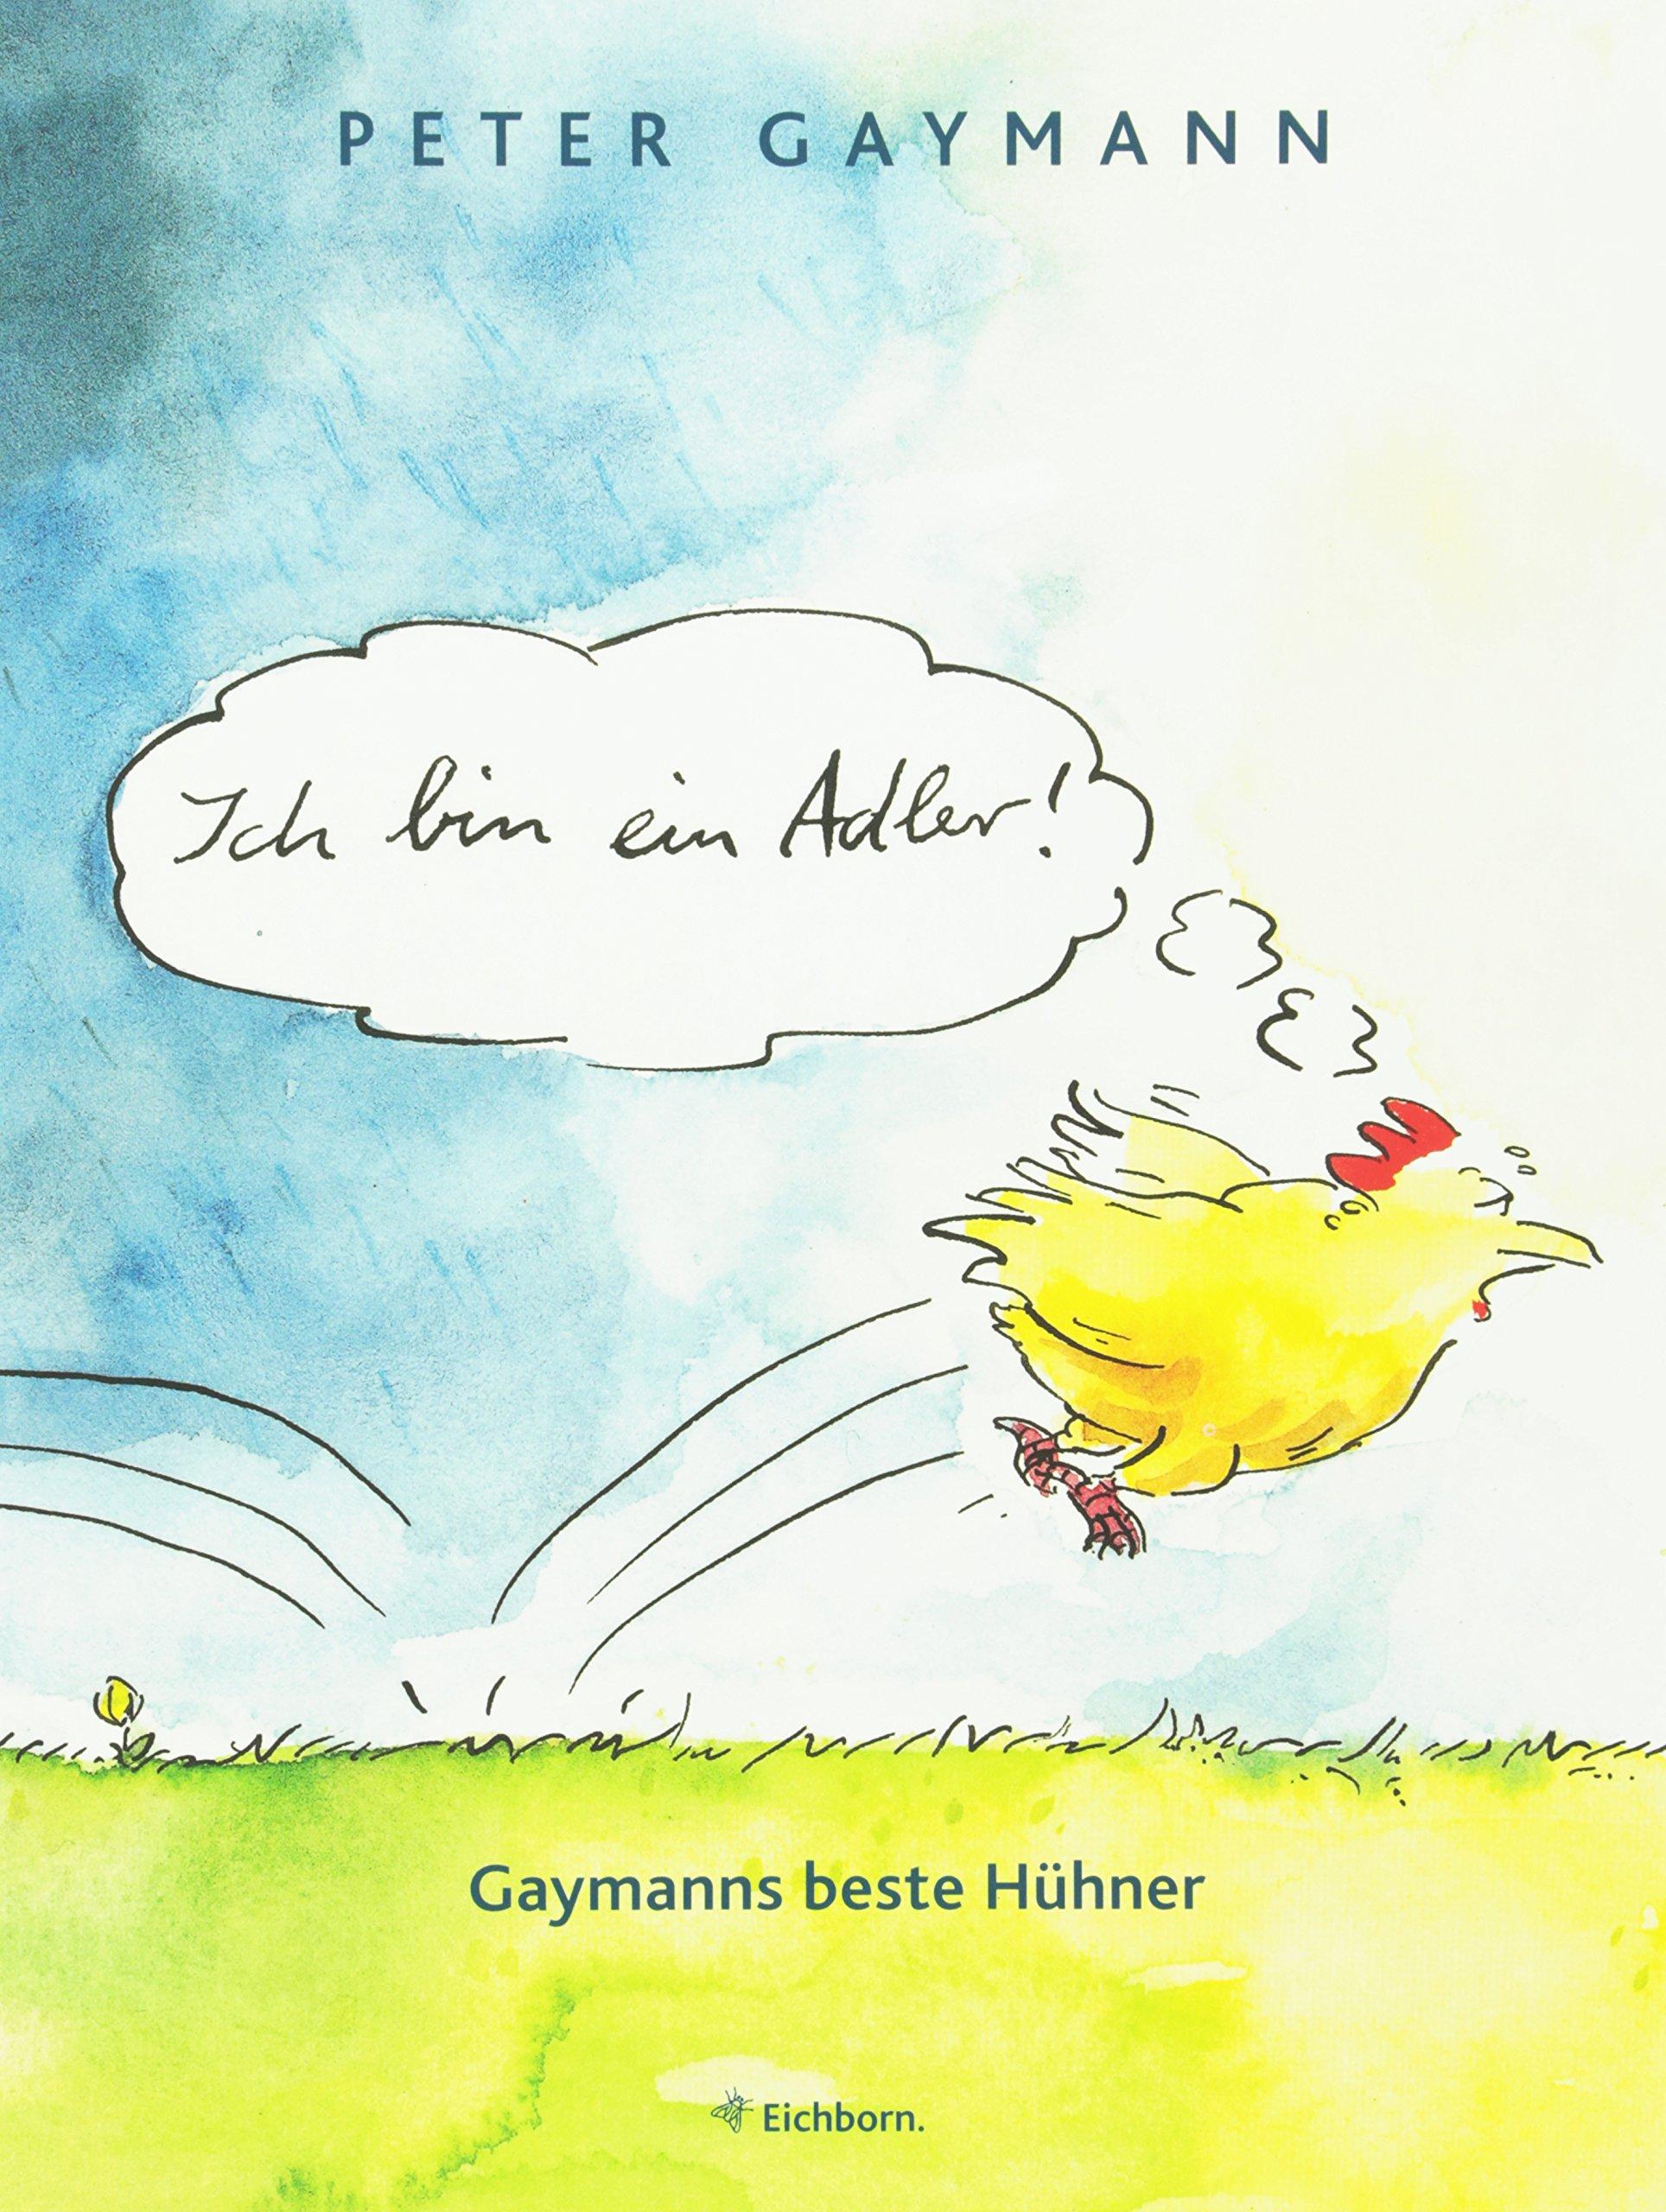 Ich bin ein Adler!: Gaymanns beste Hühner